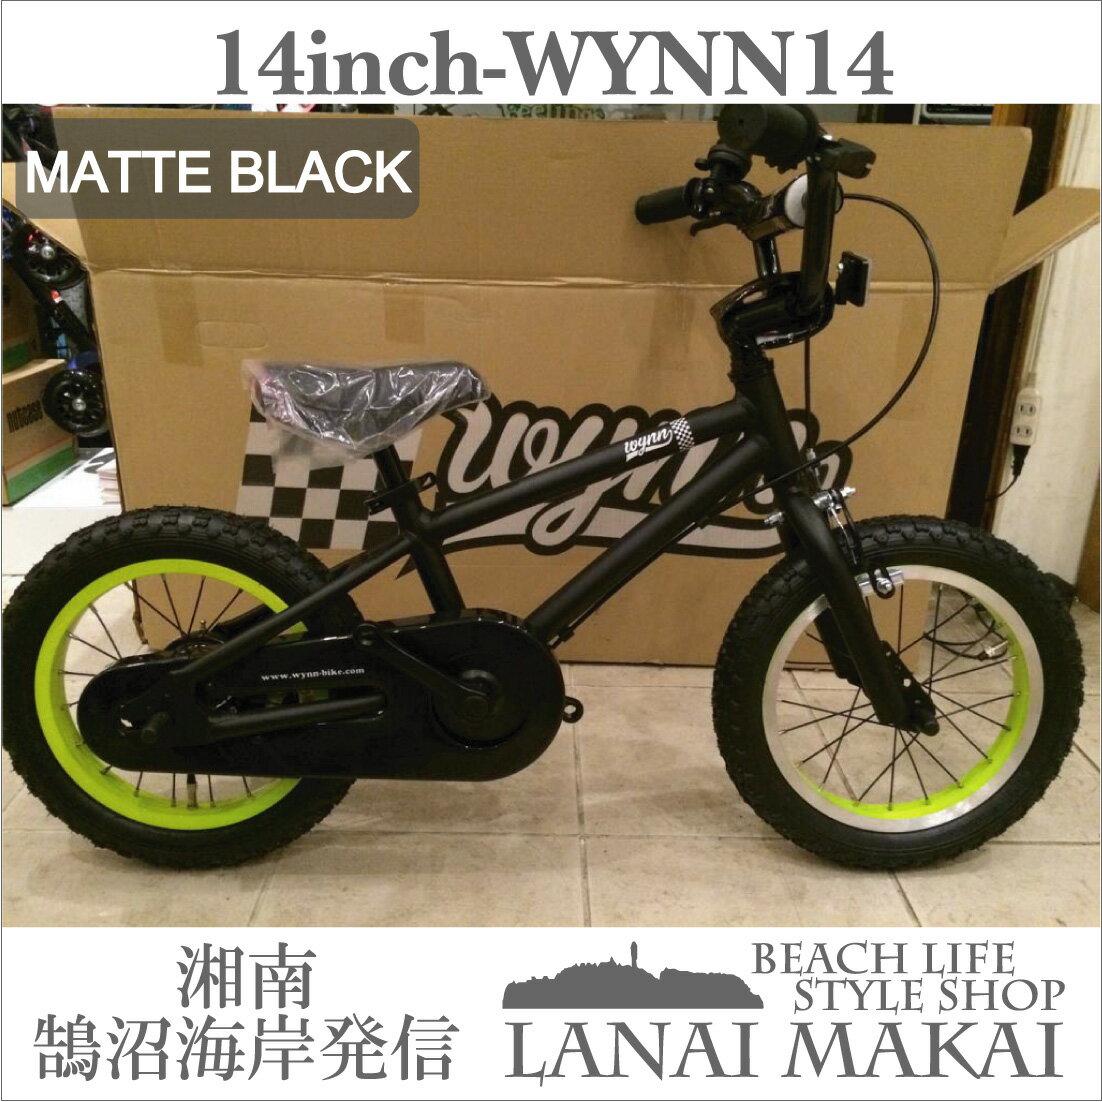 【湘南鵠沼海岸発信】14インチBMX《RAINBOW Wynn14 14inch》子供用自転車 14インチ 【子供用BMX!】 子供だってかっこよく♪佳作